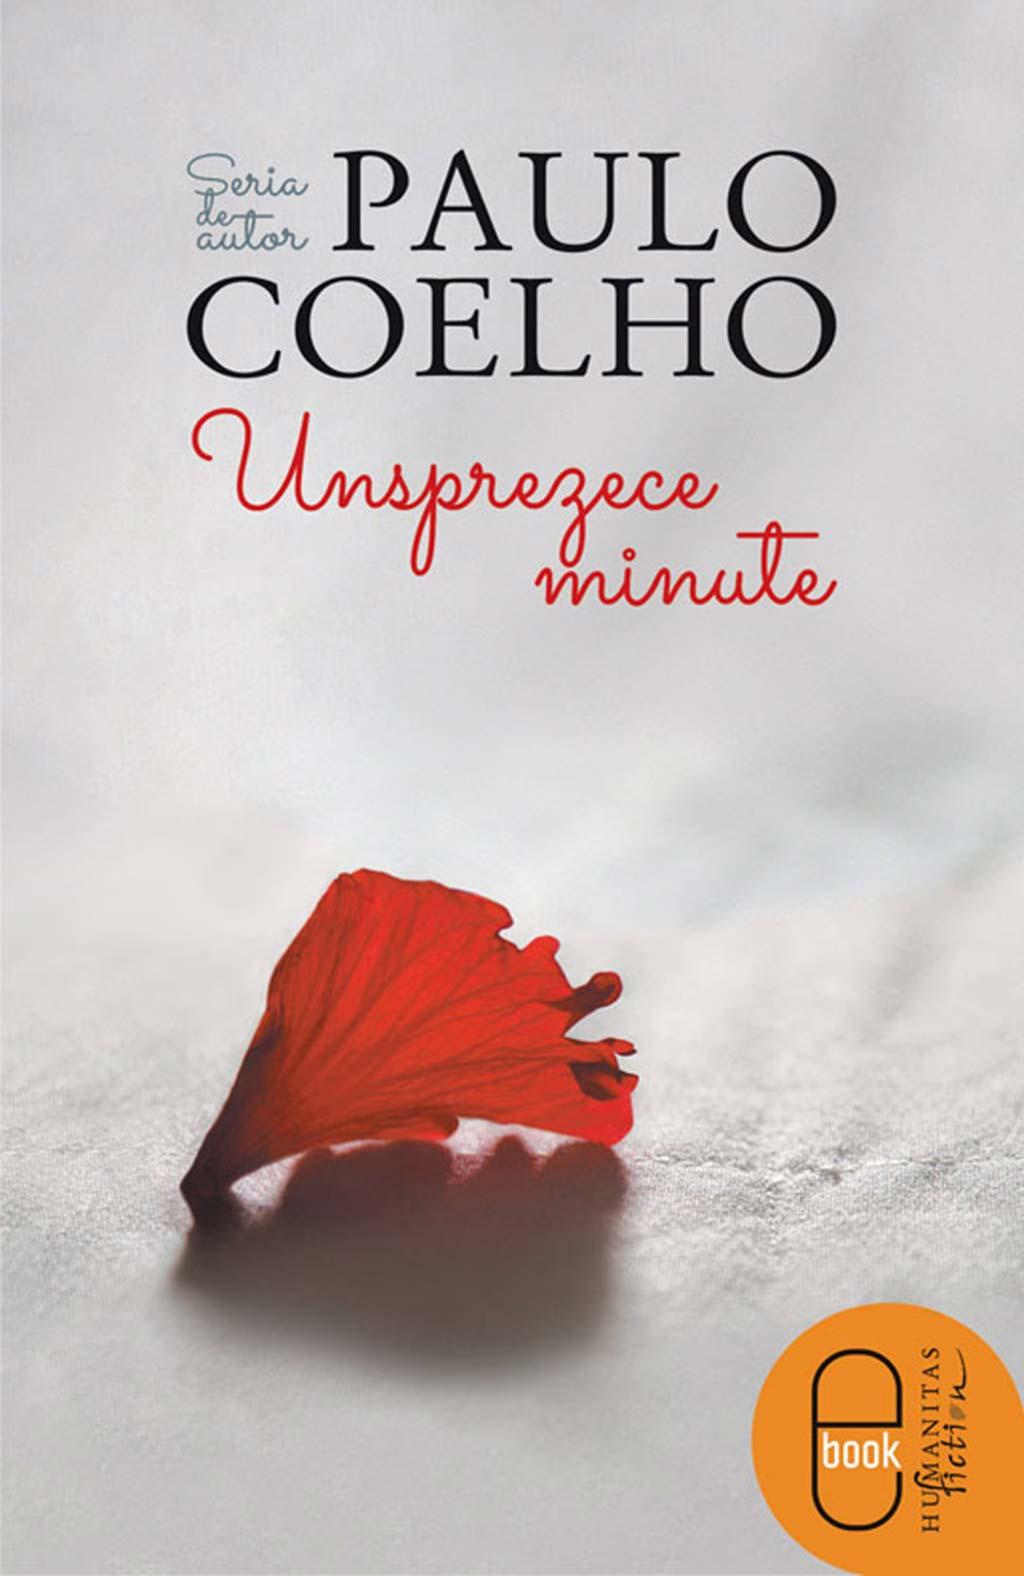 COELHO GRATUIT TÉLÉCHARGER MINUTES PDF ONZE PAULO